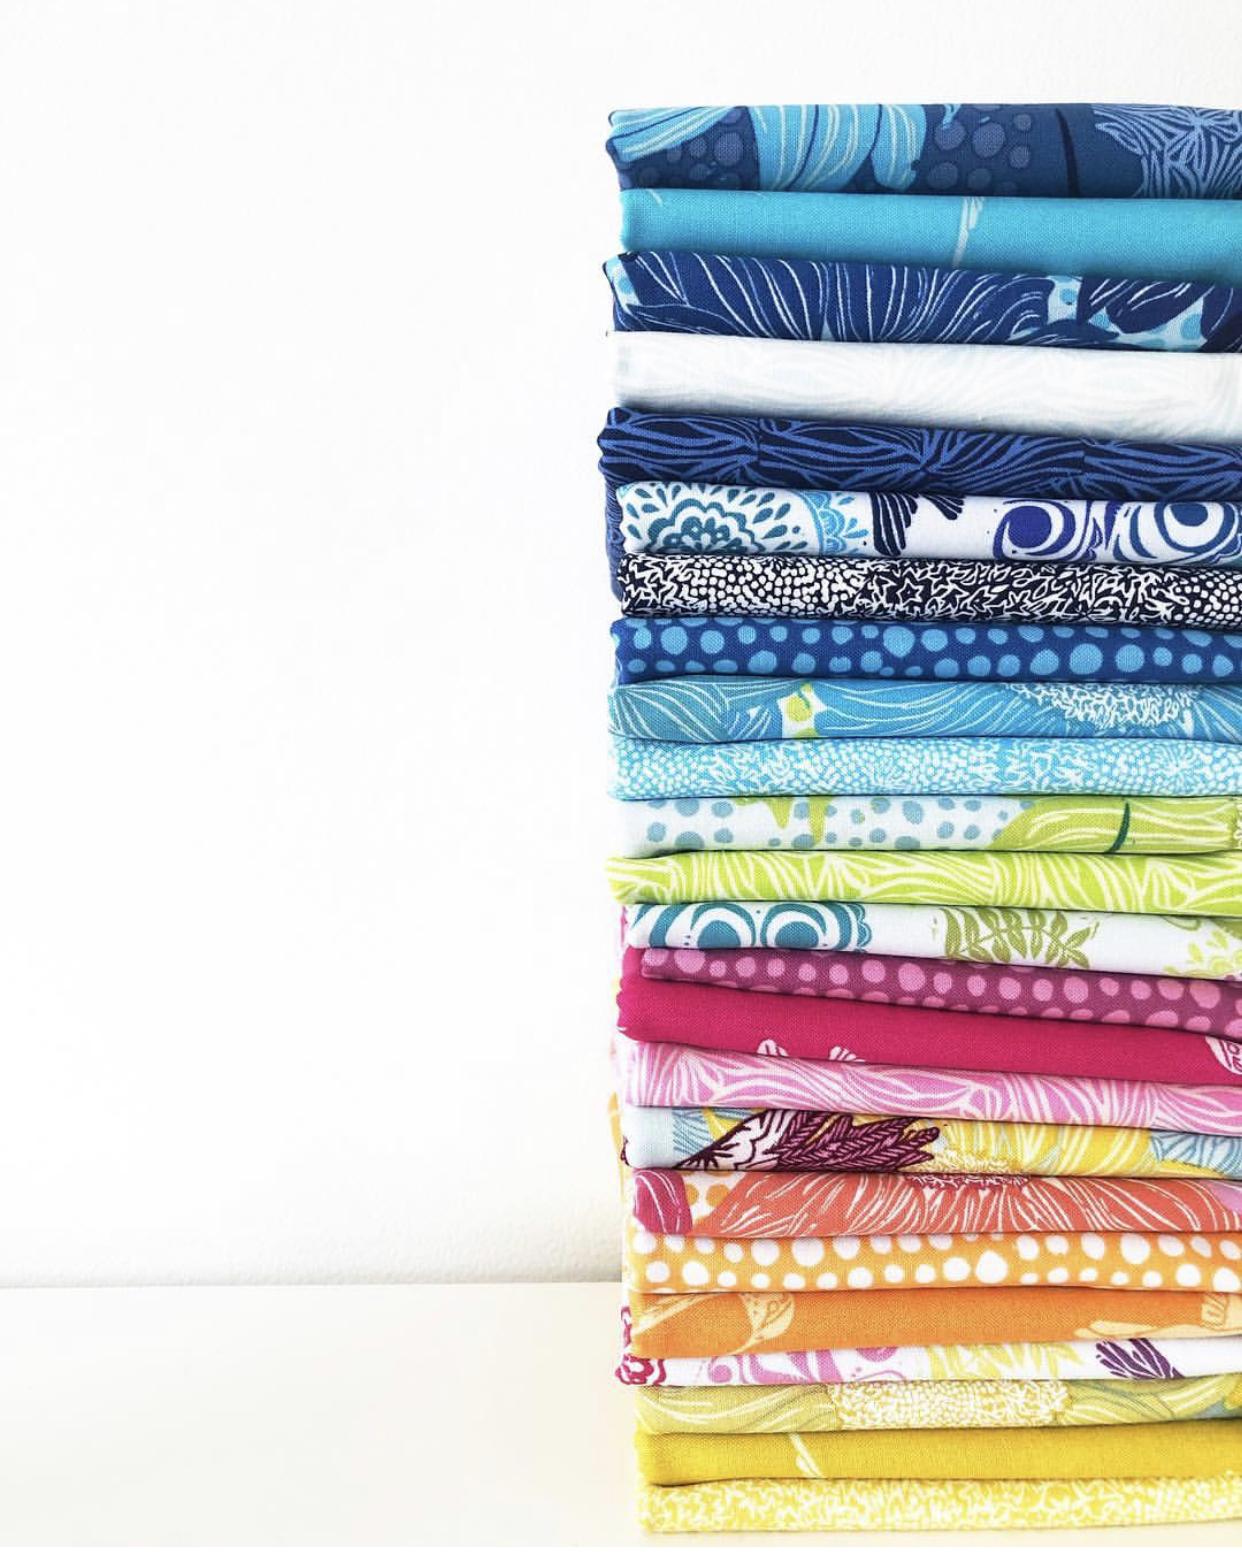 Murmur fabric tour Modern Handcraft